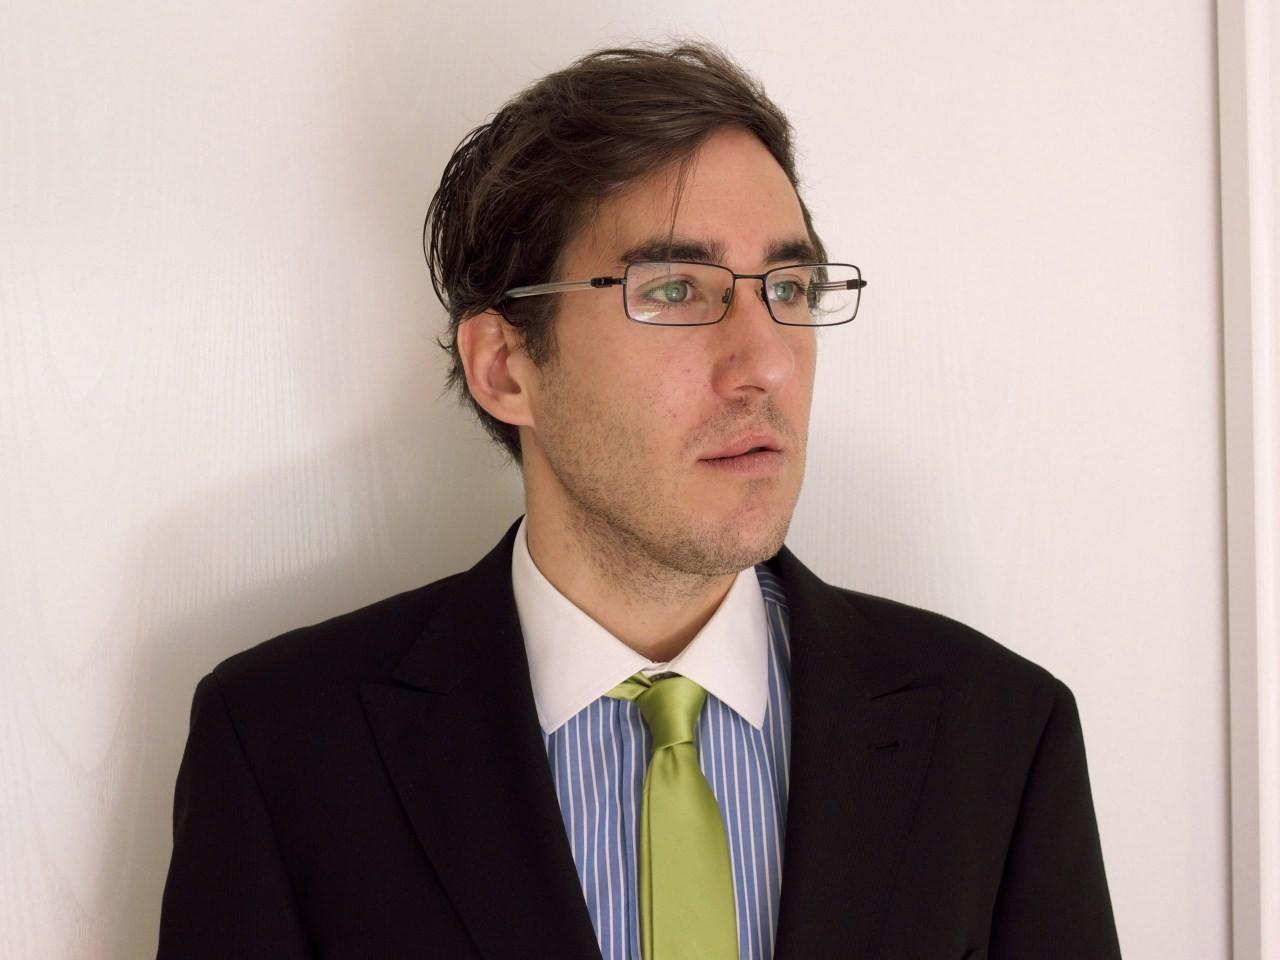 José San José Casaseca